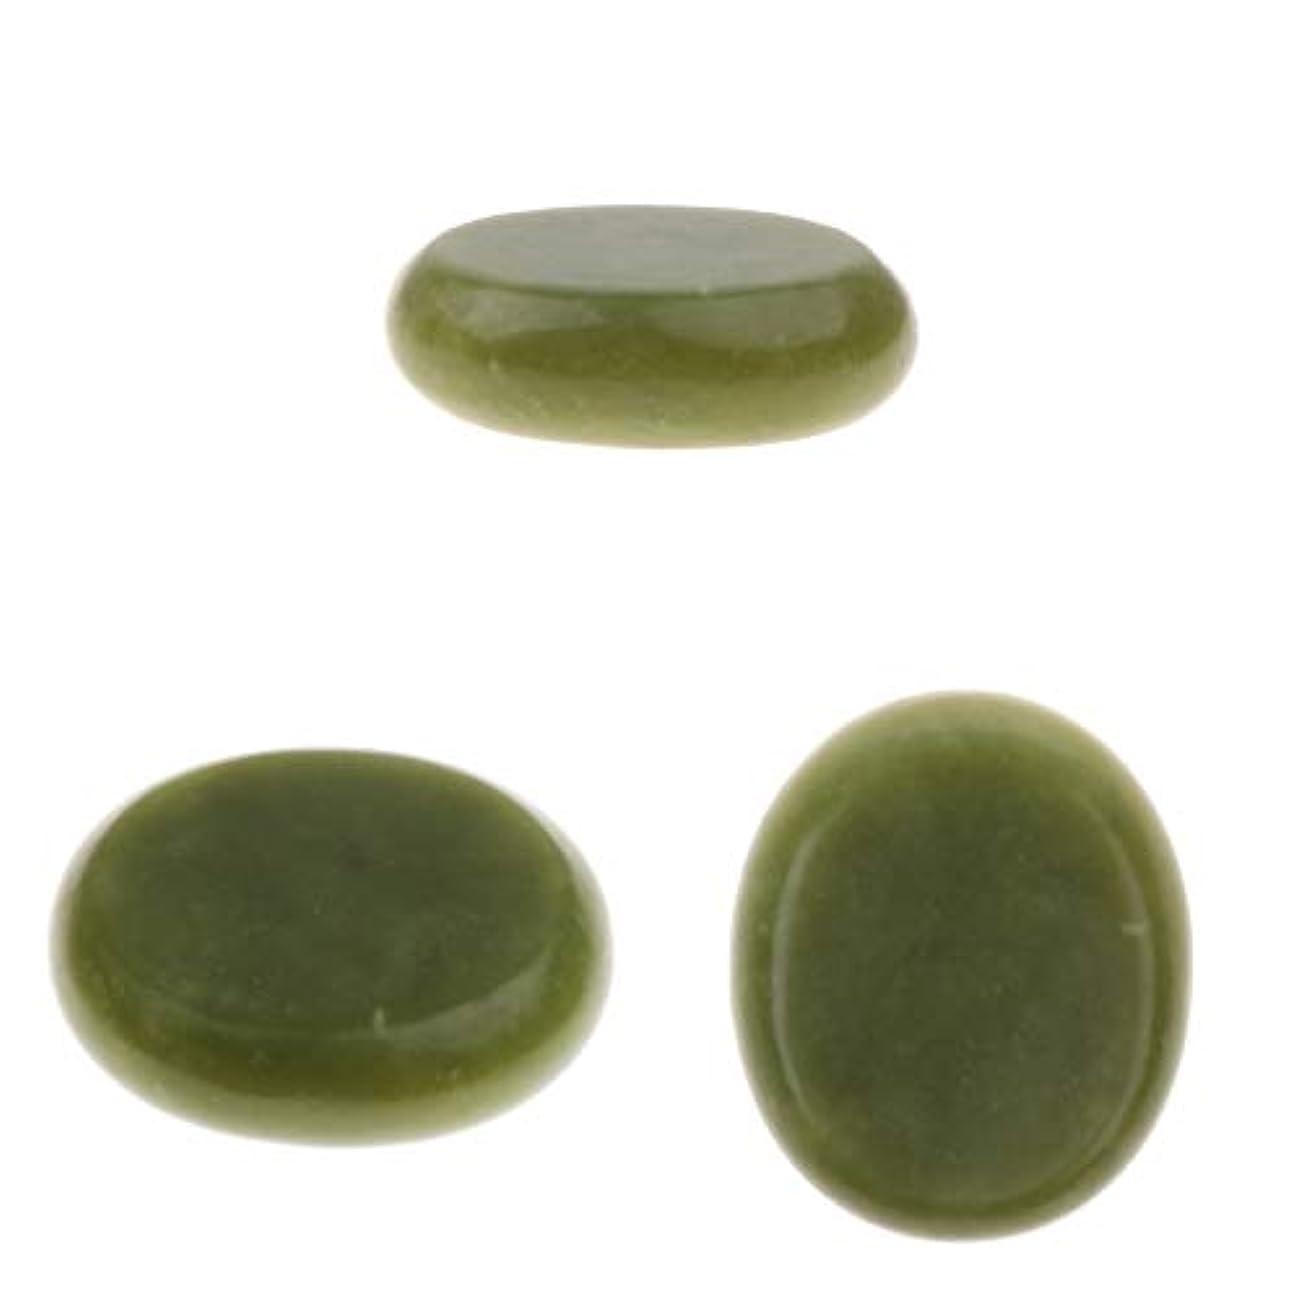 信仰アクチュエータ組立sharprepublic 3ピース/個滑らかで自然なヒスイの石、ボディマッサージ、筋肉のリラックスのためのディープティッシュマッサージャー